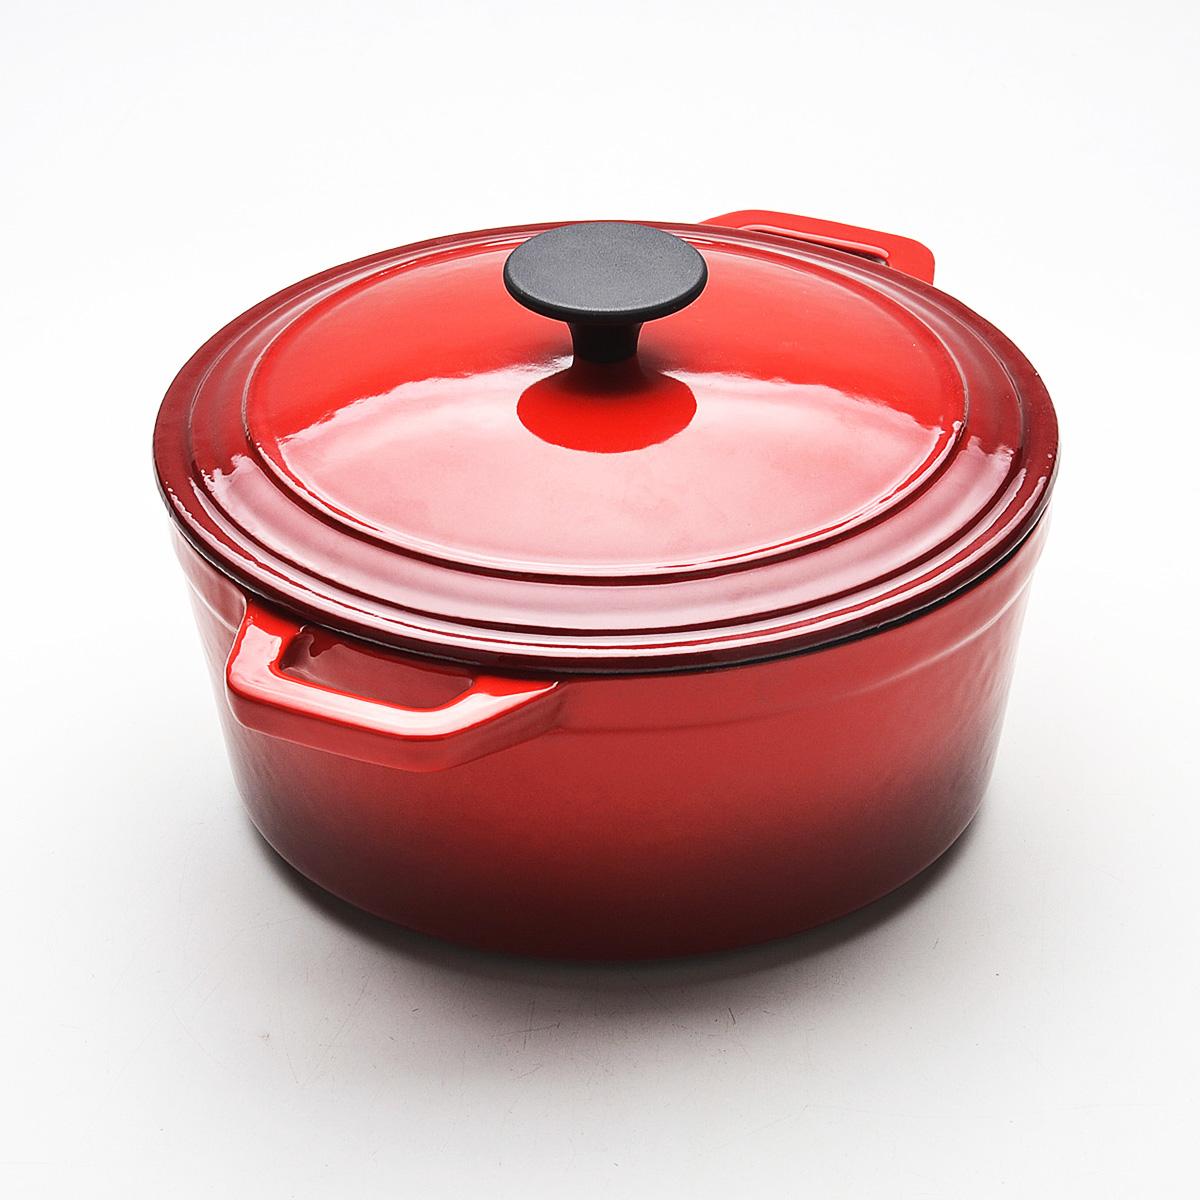 Кастрюля Mayer & Boch с крышкой, с эмалевым покрытием, цвет: красный, 3,8 л. 2205822058Кастрюля Mayer & Boch, изготовленная из чугуна, идеально подходит для приготовления вкусных тушеных блюд. Она имеет внешнее и внутреннее эмалевое покрытие. Чугун является традиционным высокопрочным, экологически чистым материалом. Причем, чем дольше и чаще вы пользуетесь этой посудой, тем лучше становятся ее свойства. Высокая теплоемкость чугуна позволяет ему сильно нагреваться и медленно остывать, а это в свою очередь обеспечивает равномерное приготовление пищи. Чугун не вступает в какие-либо химические реакции с пищей в процессе приготовления и хранения, а плотное покрытие - безупречное препятствие для бактерий и запахов. Пища, приготовленная в чугунной посуде, благодаря экологической чистоте материала не может нанести вред здоровью человека. Кастрюля оснащена двумя удобными ручками. К кастрюле прилагается чугунная крышка, которая плотно прилегает к краям кастрюли, сохраняя аромат блюд. Кастрюлю Mayer & Boch можно использовать на всех типах плит, включая...